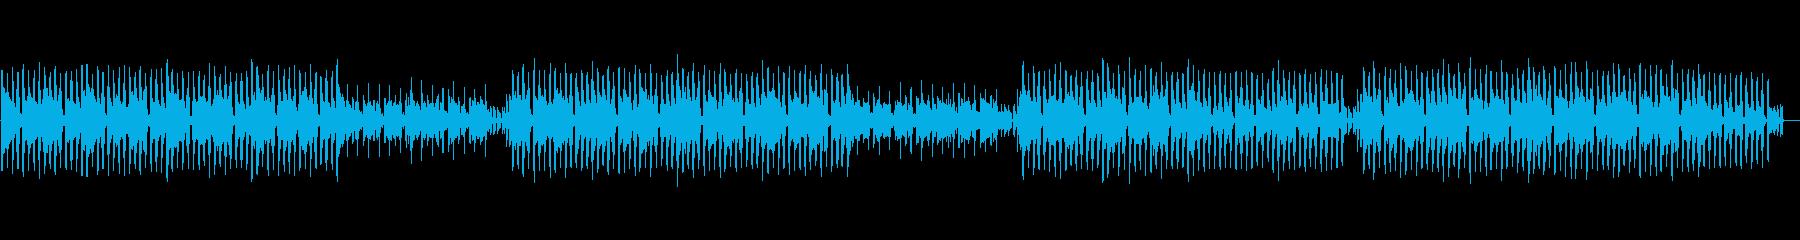 トロピカルで優しい夏のチルファンクの再生済みの波形